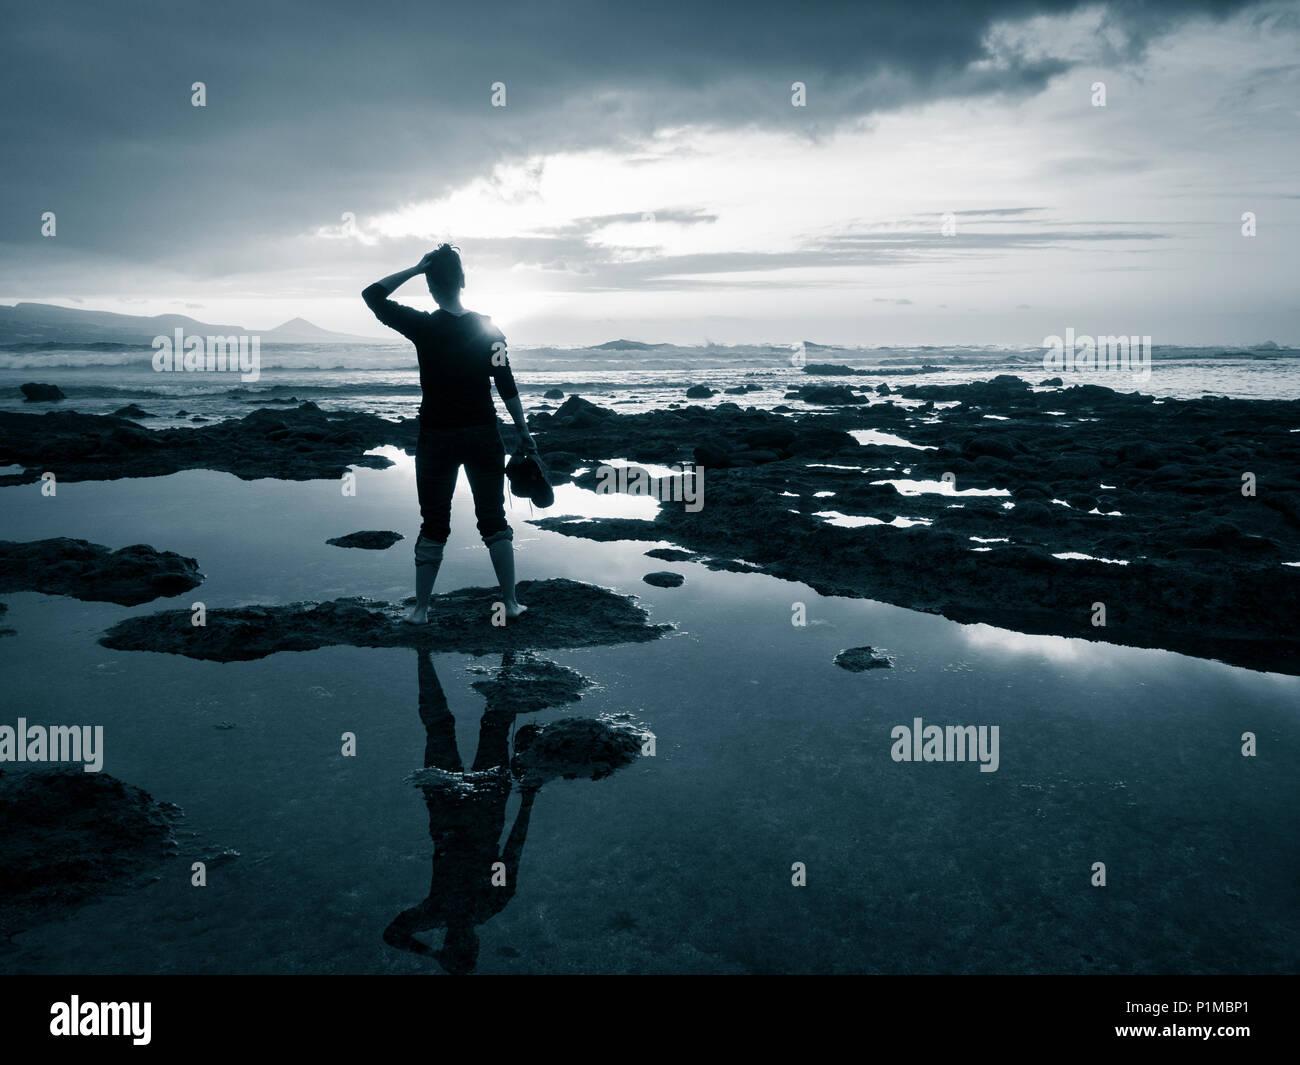 Vista trasera de la mujer sosteniendo los zapatos mirando al mar al atardecer: la meditación, la salud mental, la soledad, la libertad, la depresión..imagen concepto Imagen De Stock